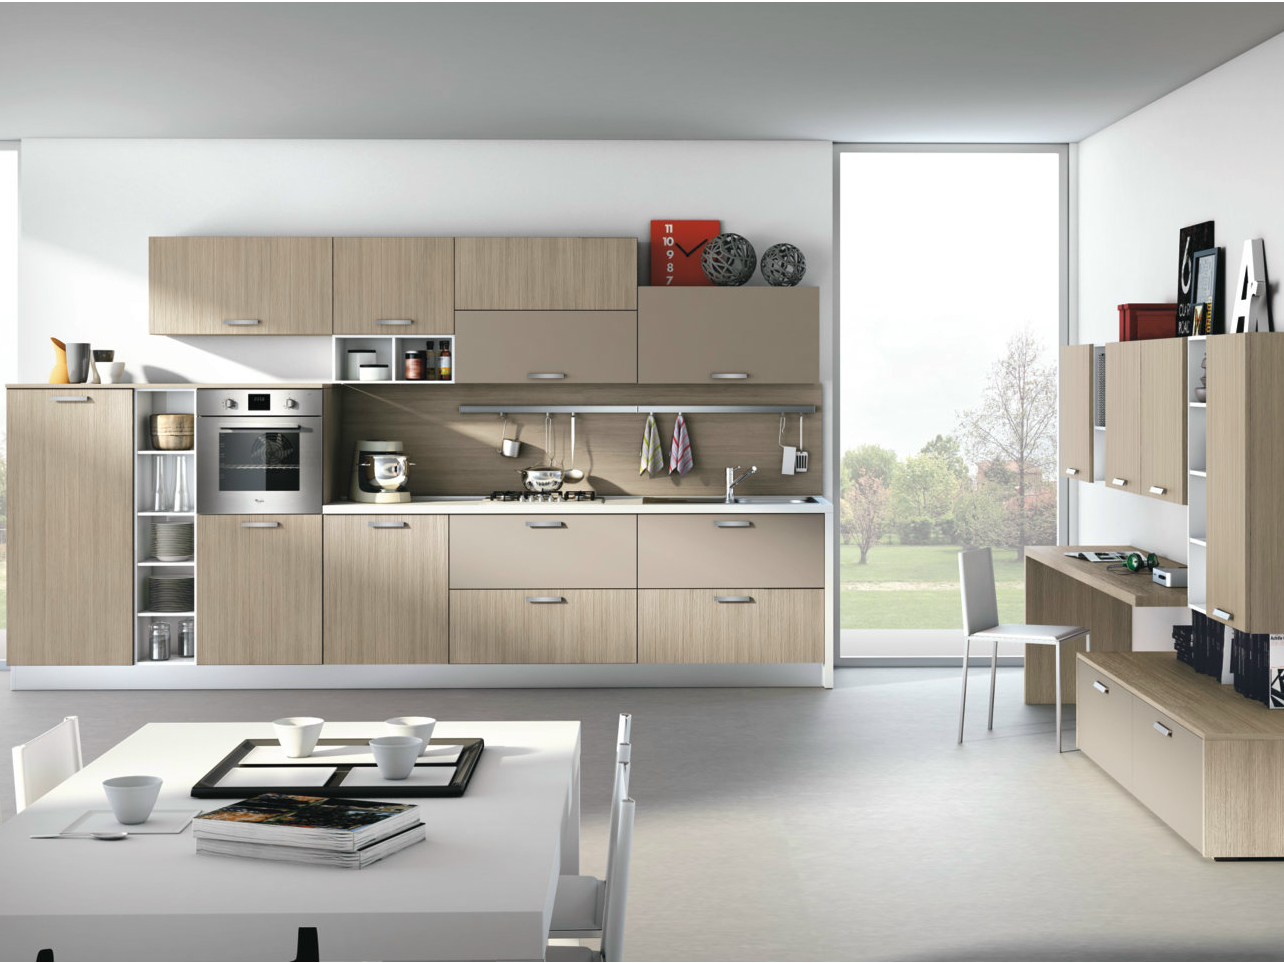 Cucina componibile lineare con maniglie alma by creo for Cucine componibili